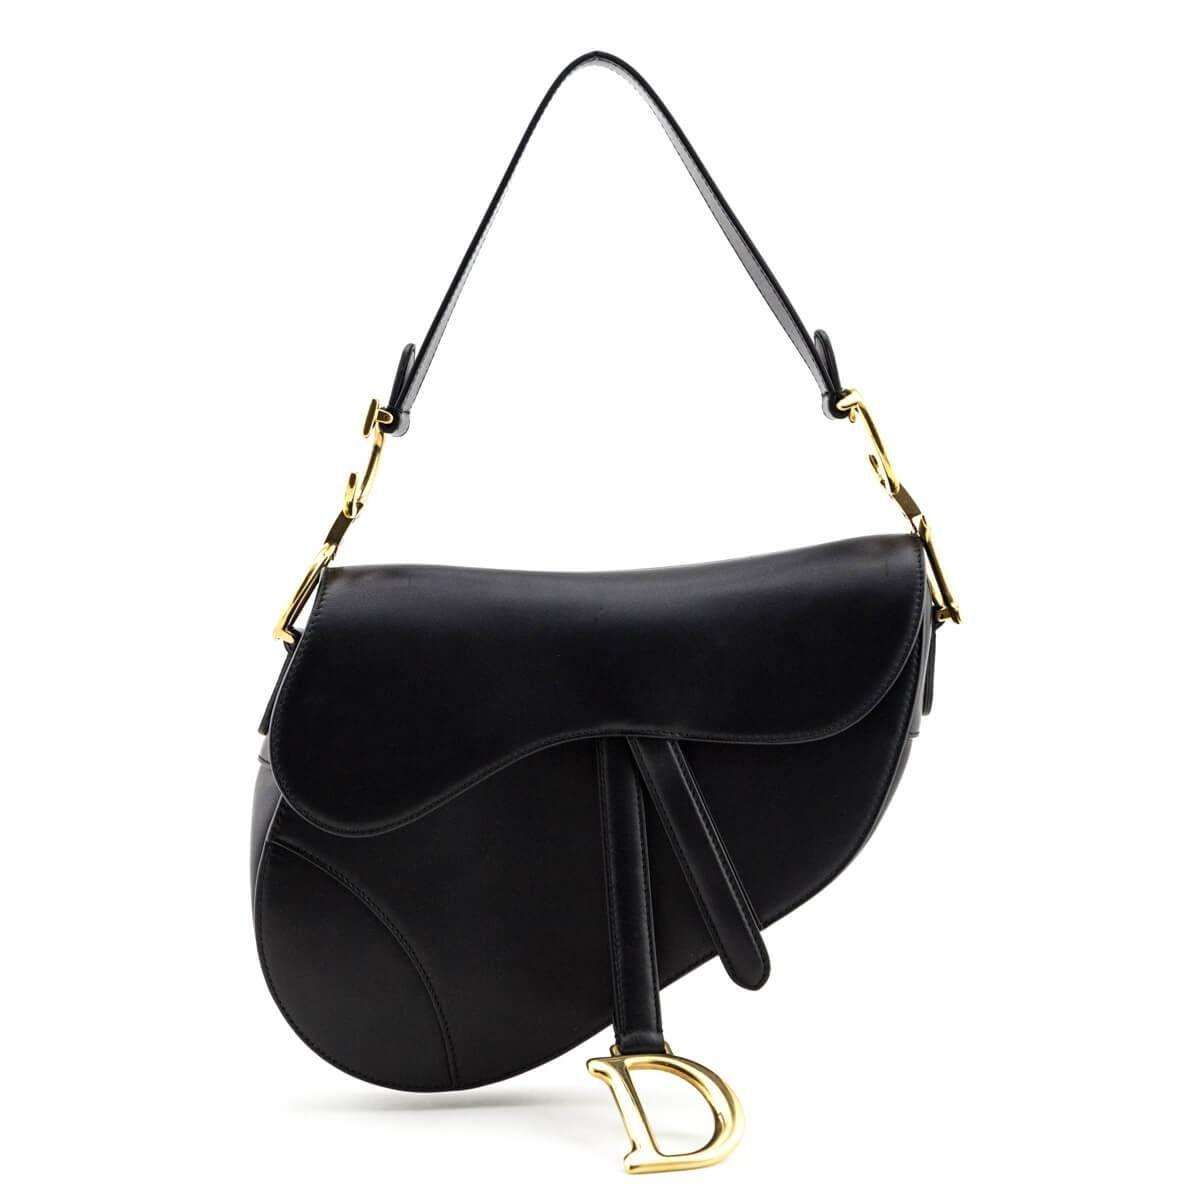 Dior Black Calfskin Saddle Bag Shop Preloved Dior Saddle Bags Canada Dior Saddle Bag Bags Saddle Bags